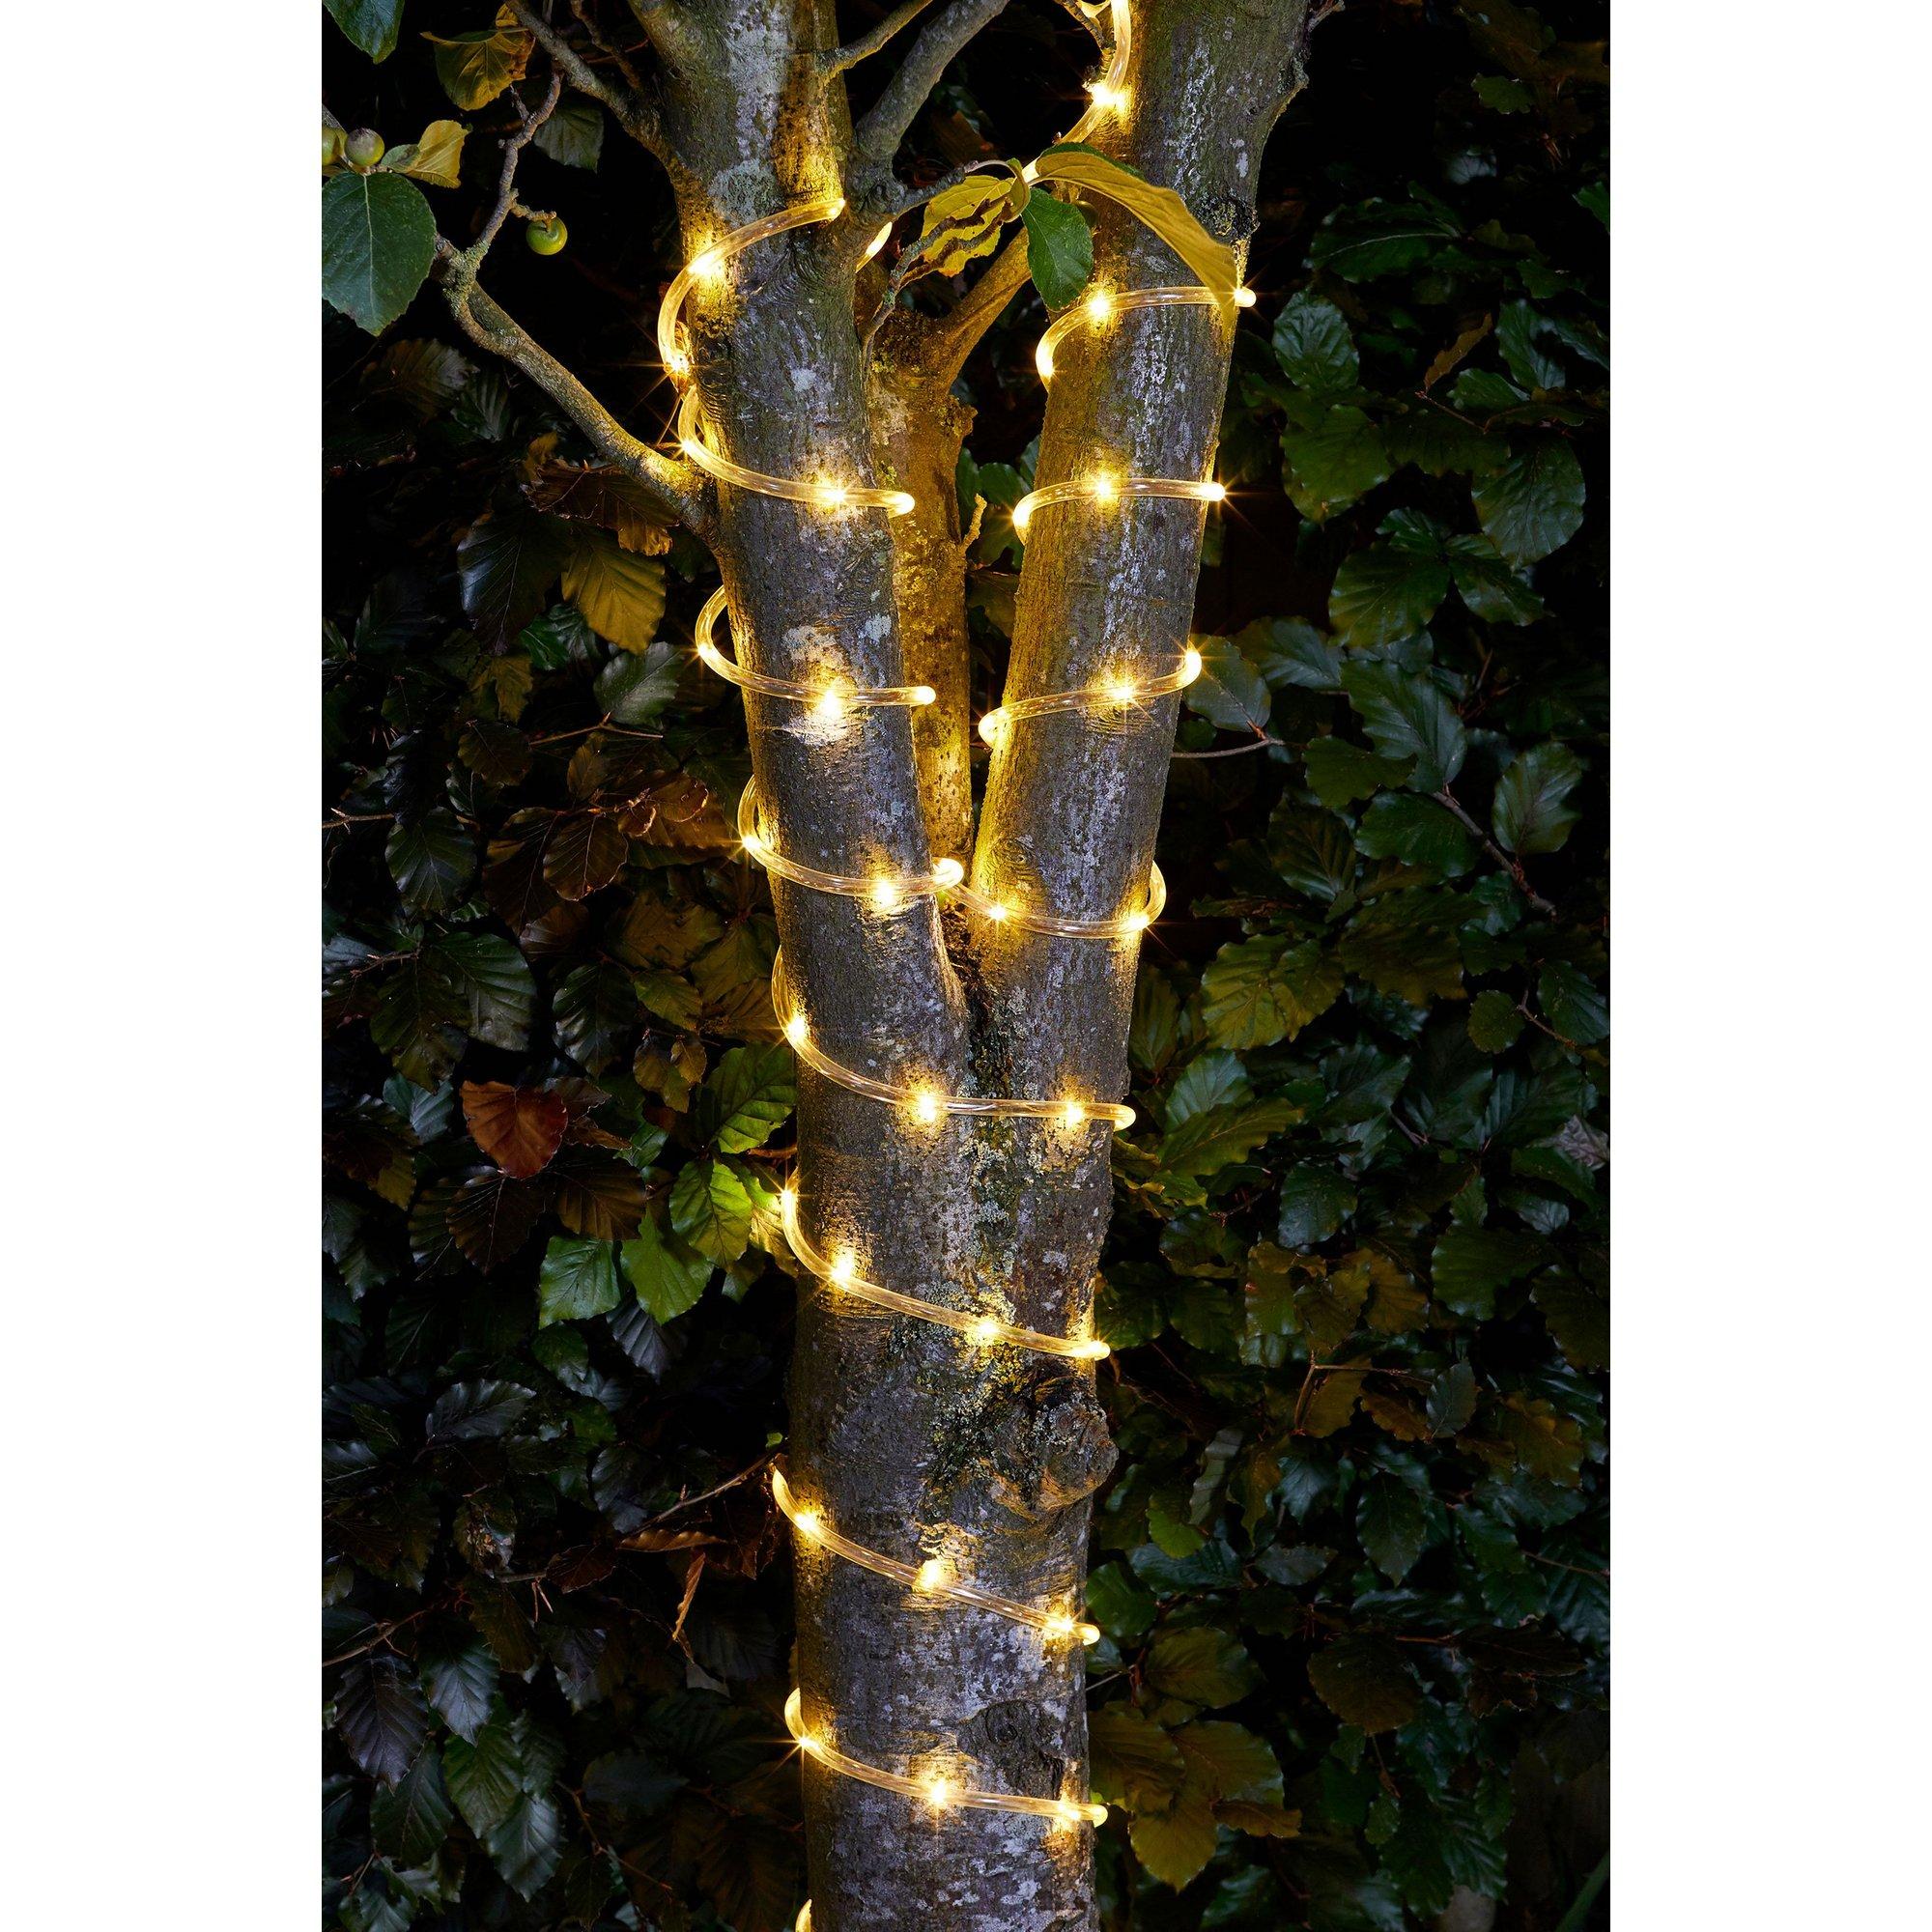 Image of 100 LED Rope Light